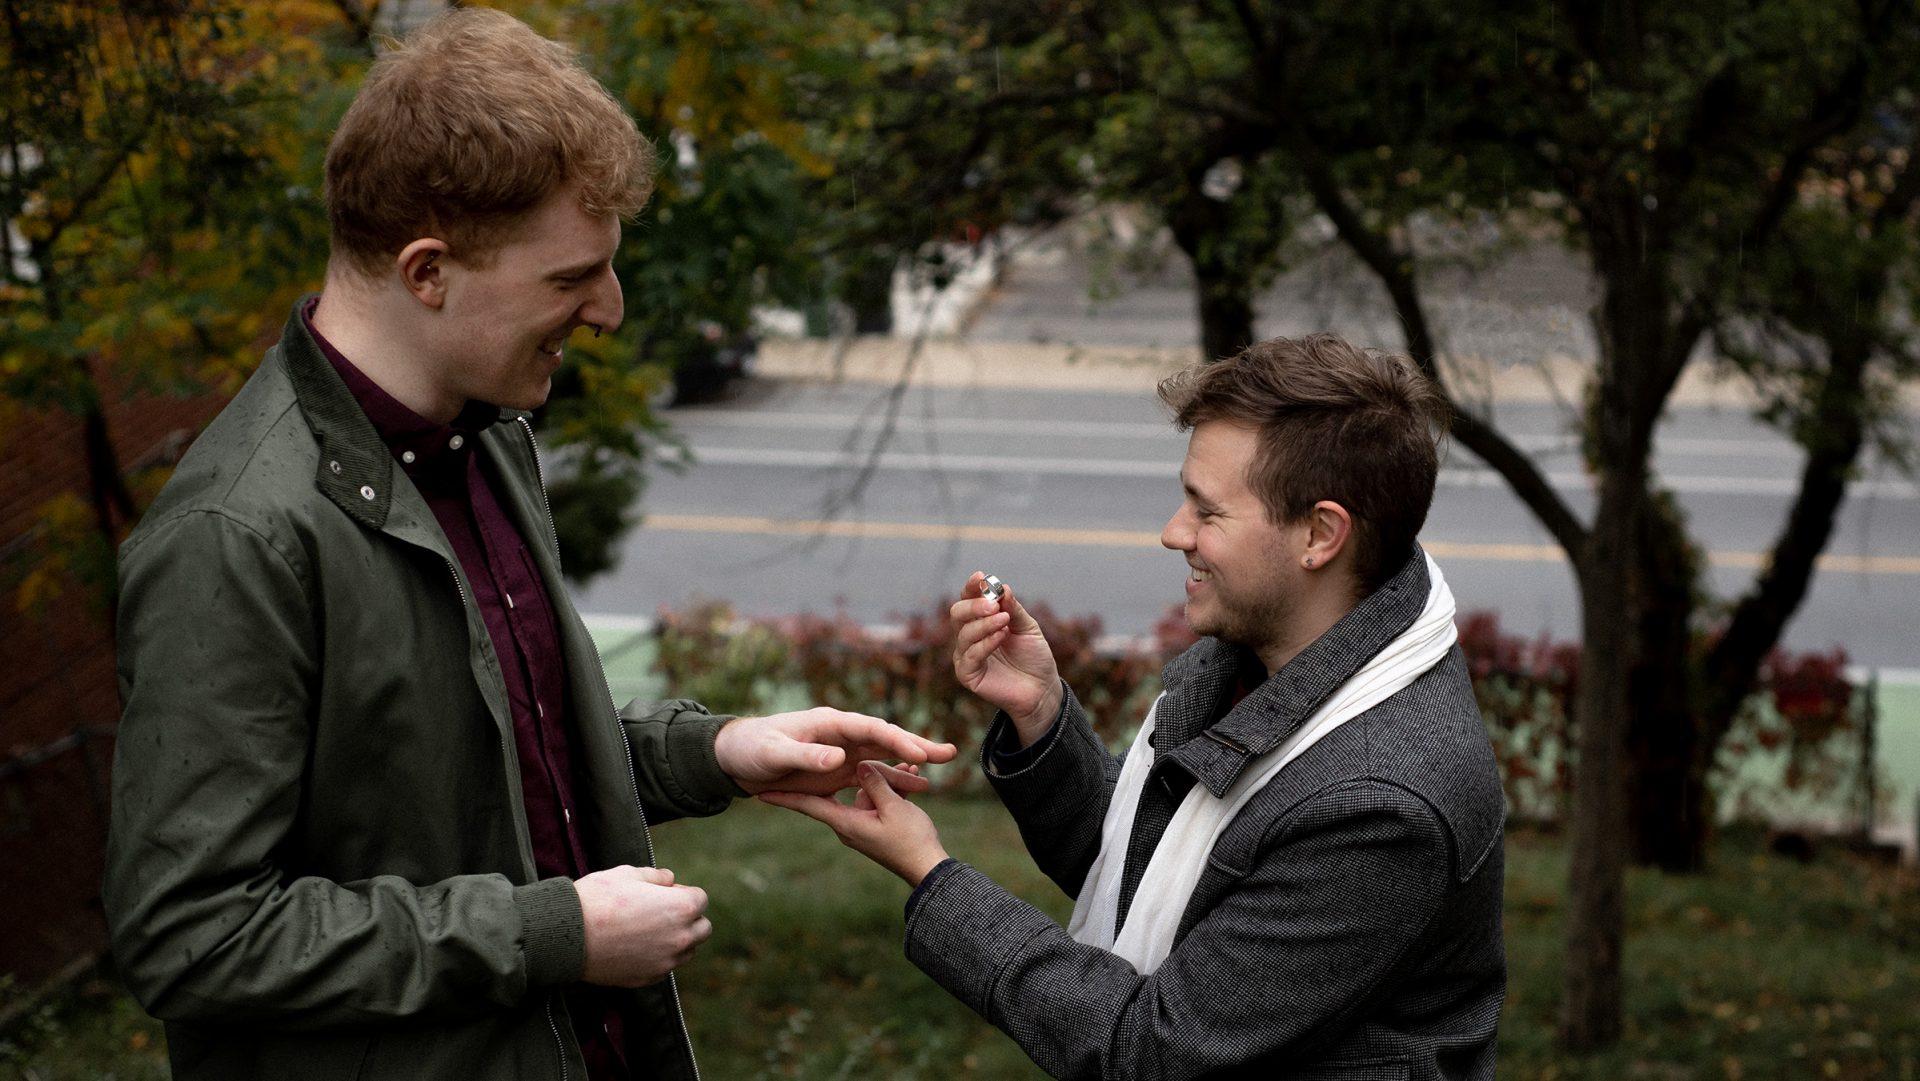 Andrew & Markus